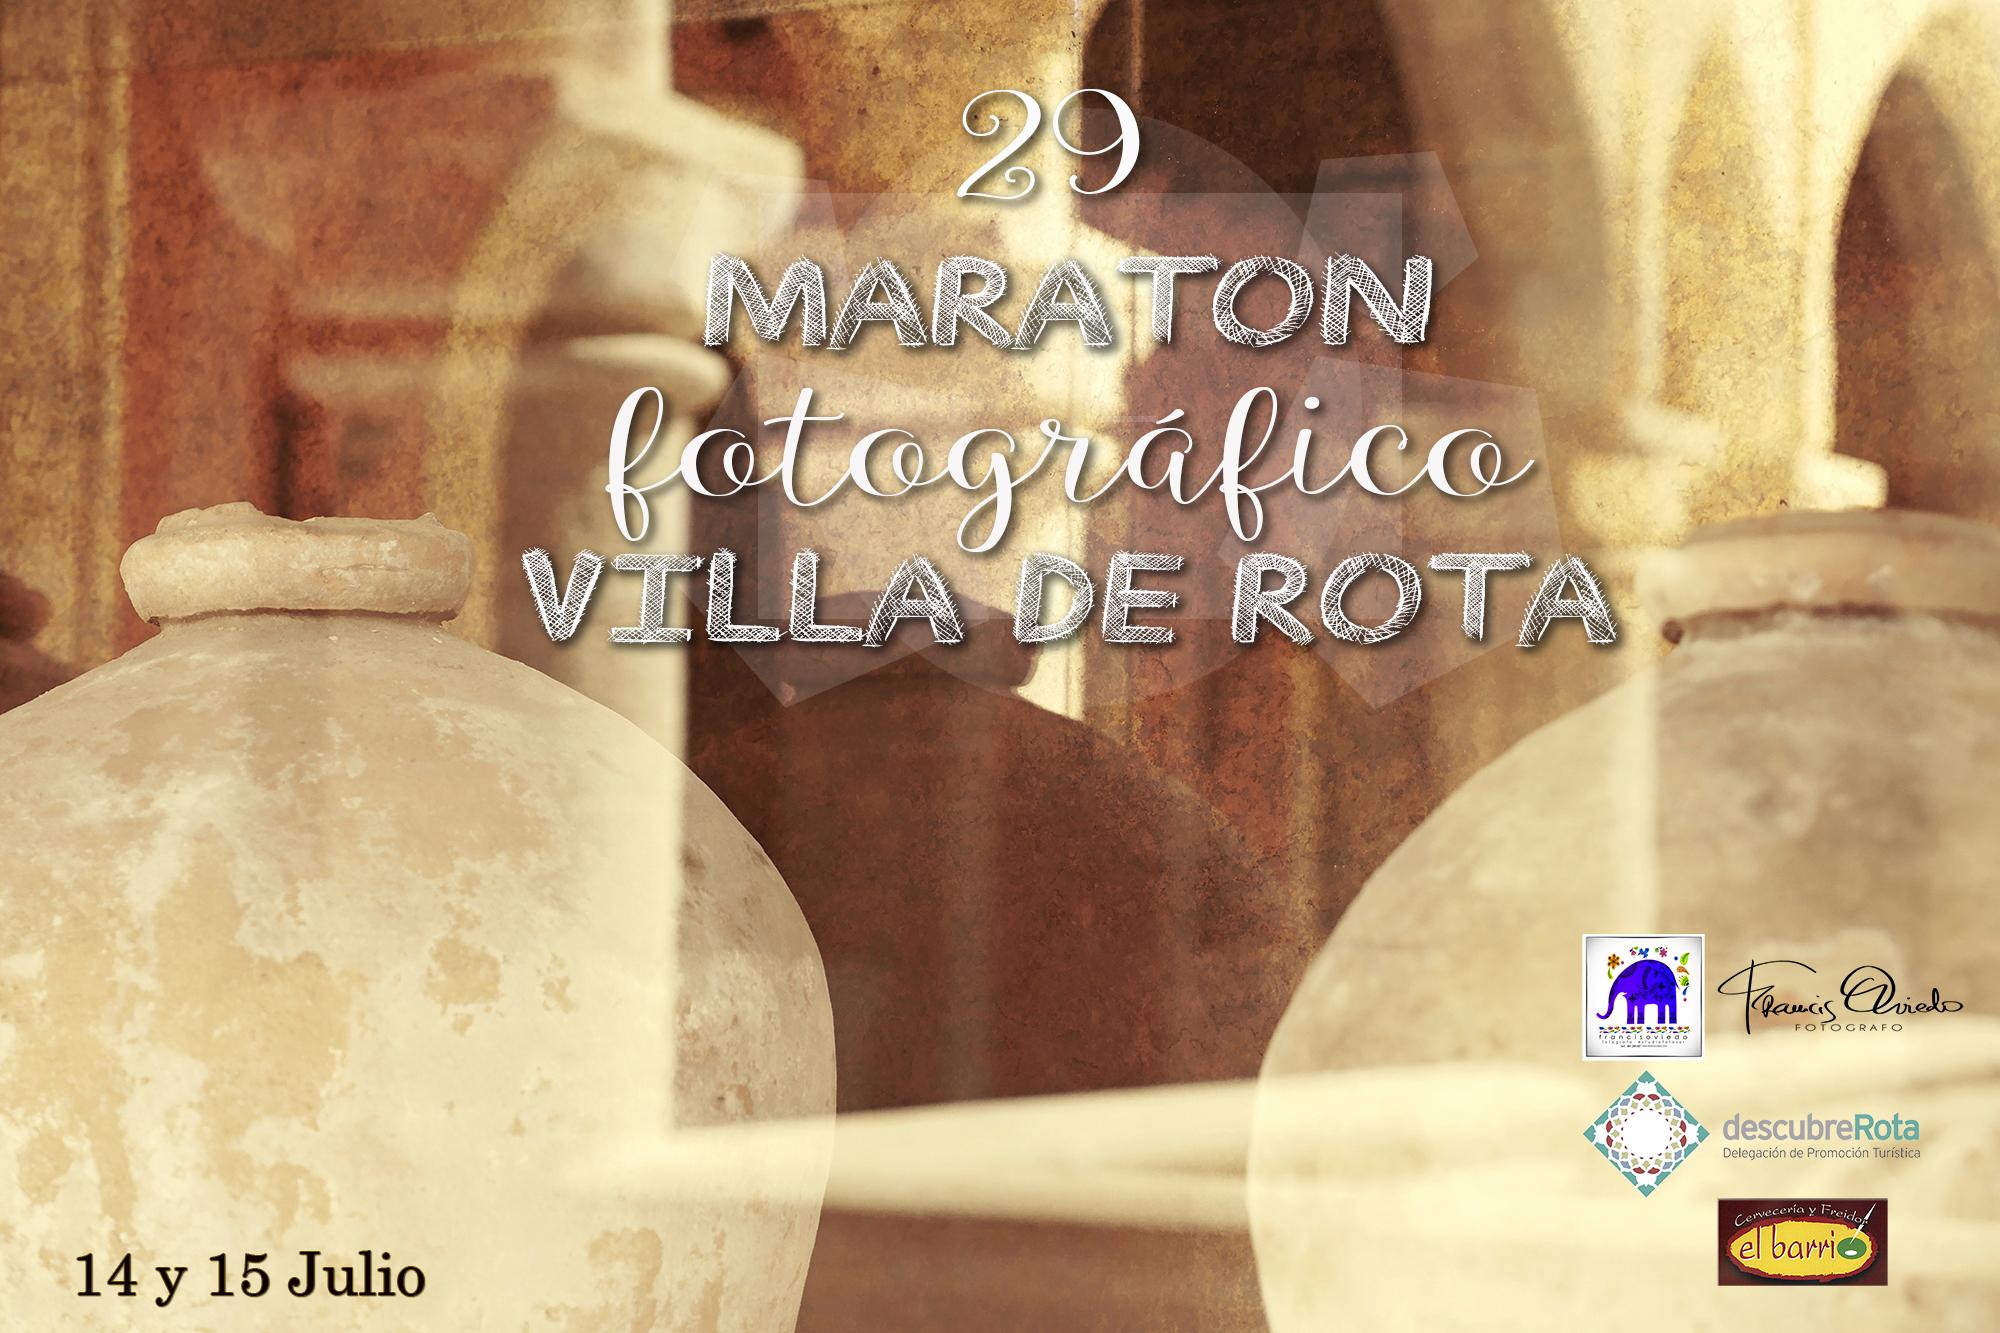 Maraton fotográfico Villa de Rota